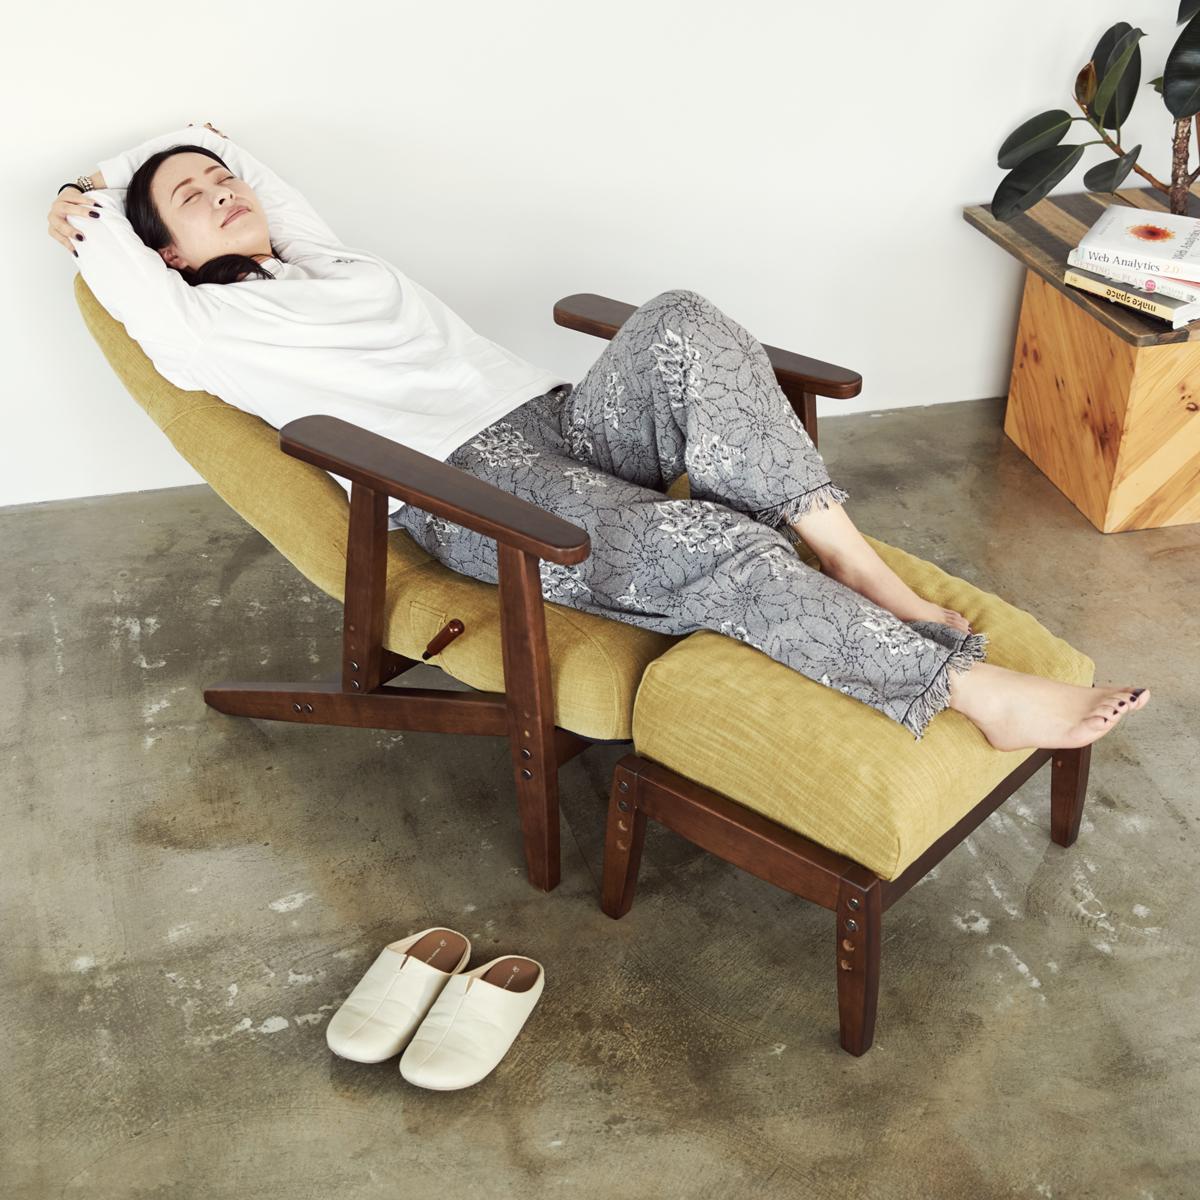 究極のリラックスチェアで至福の寝落ち体験。体にいい姿勢でリラックス!首も腰も好きな角度に調節できる寝椅子(リクライニングチェア)|P!nto